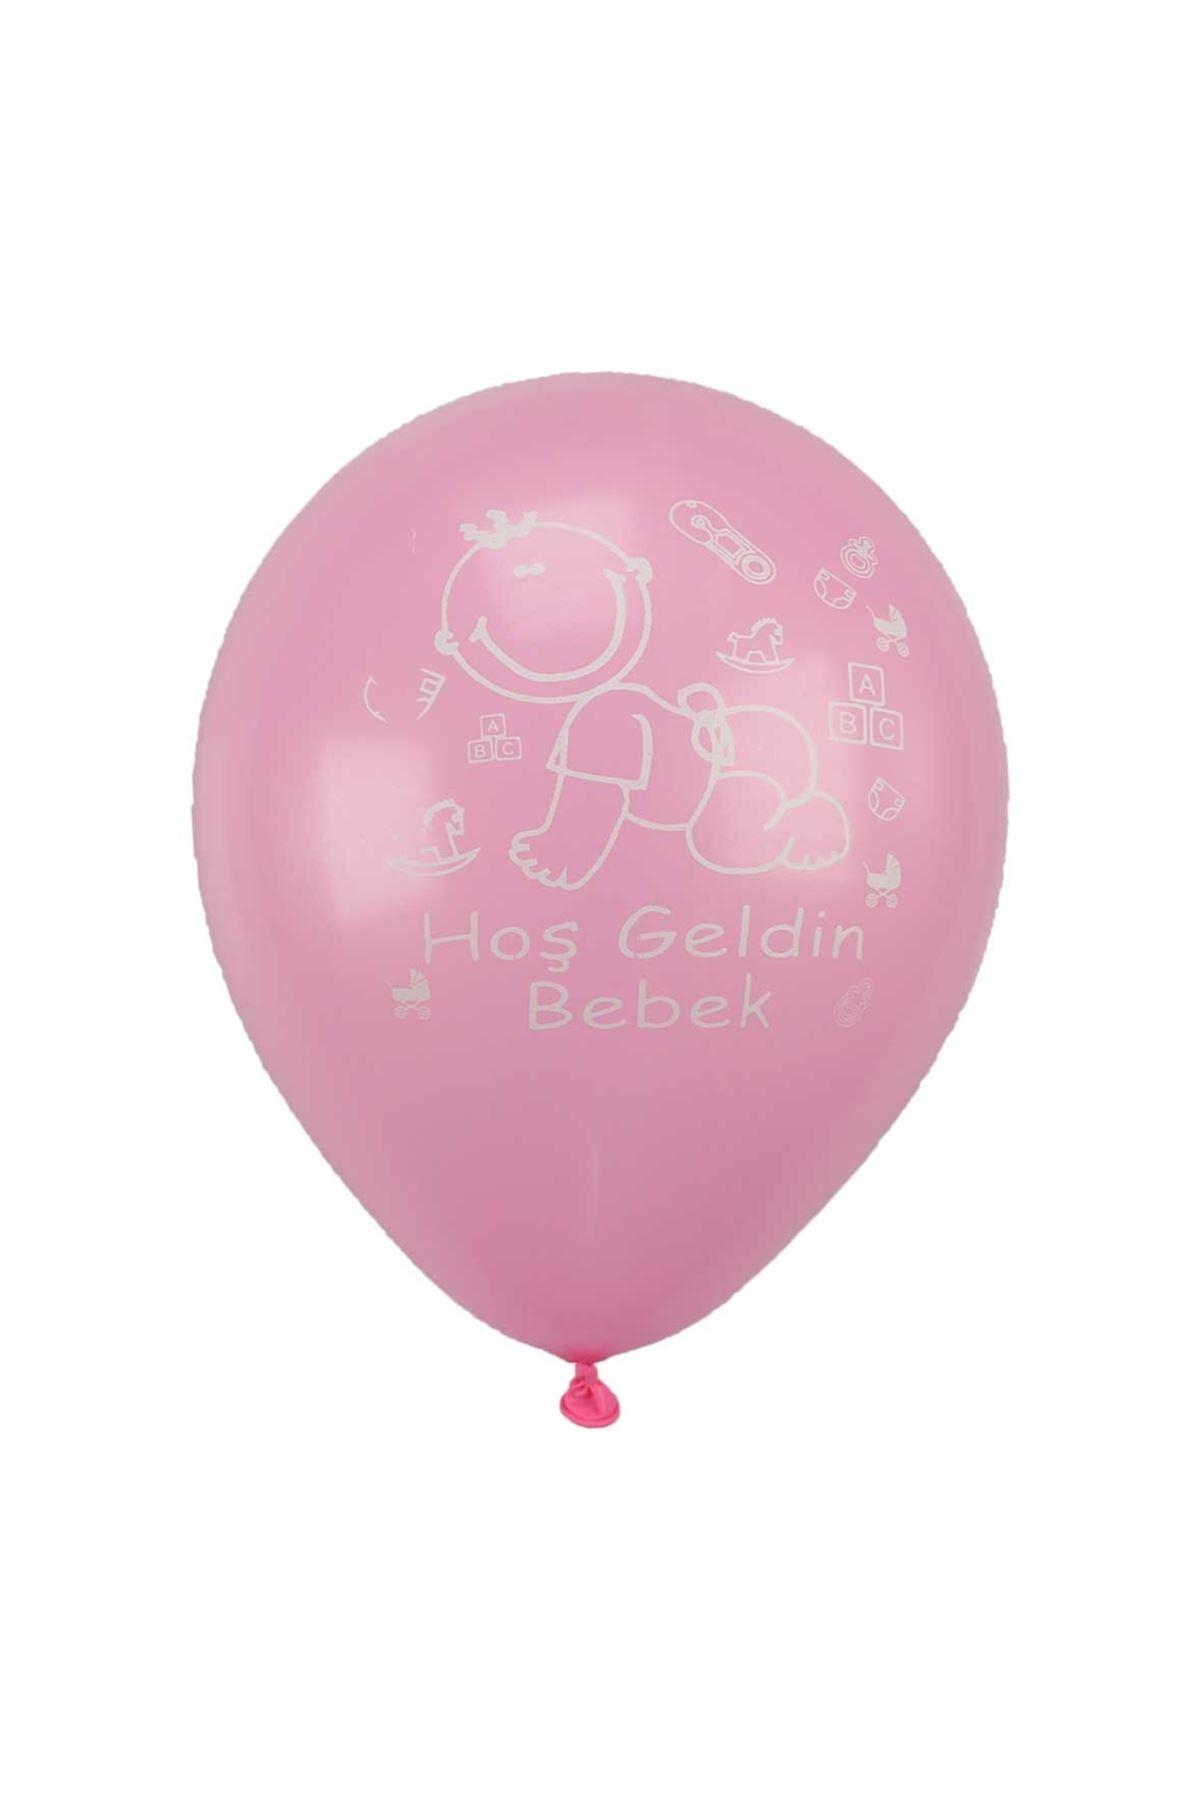 Pembe Hoşgeldin Bebek Yazılı Balon